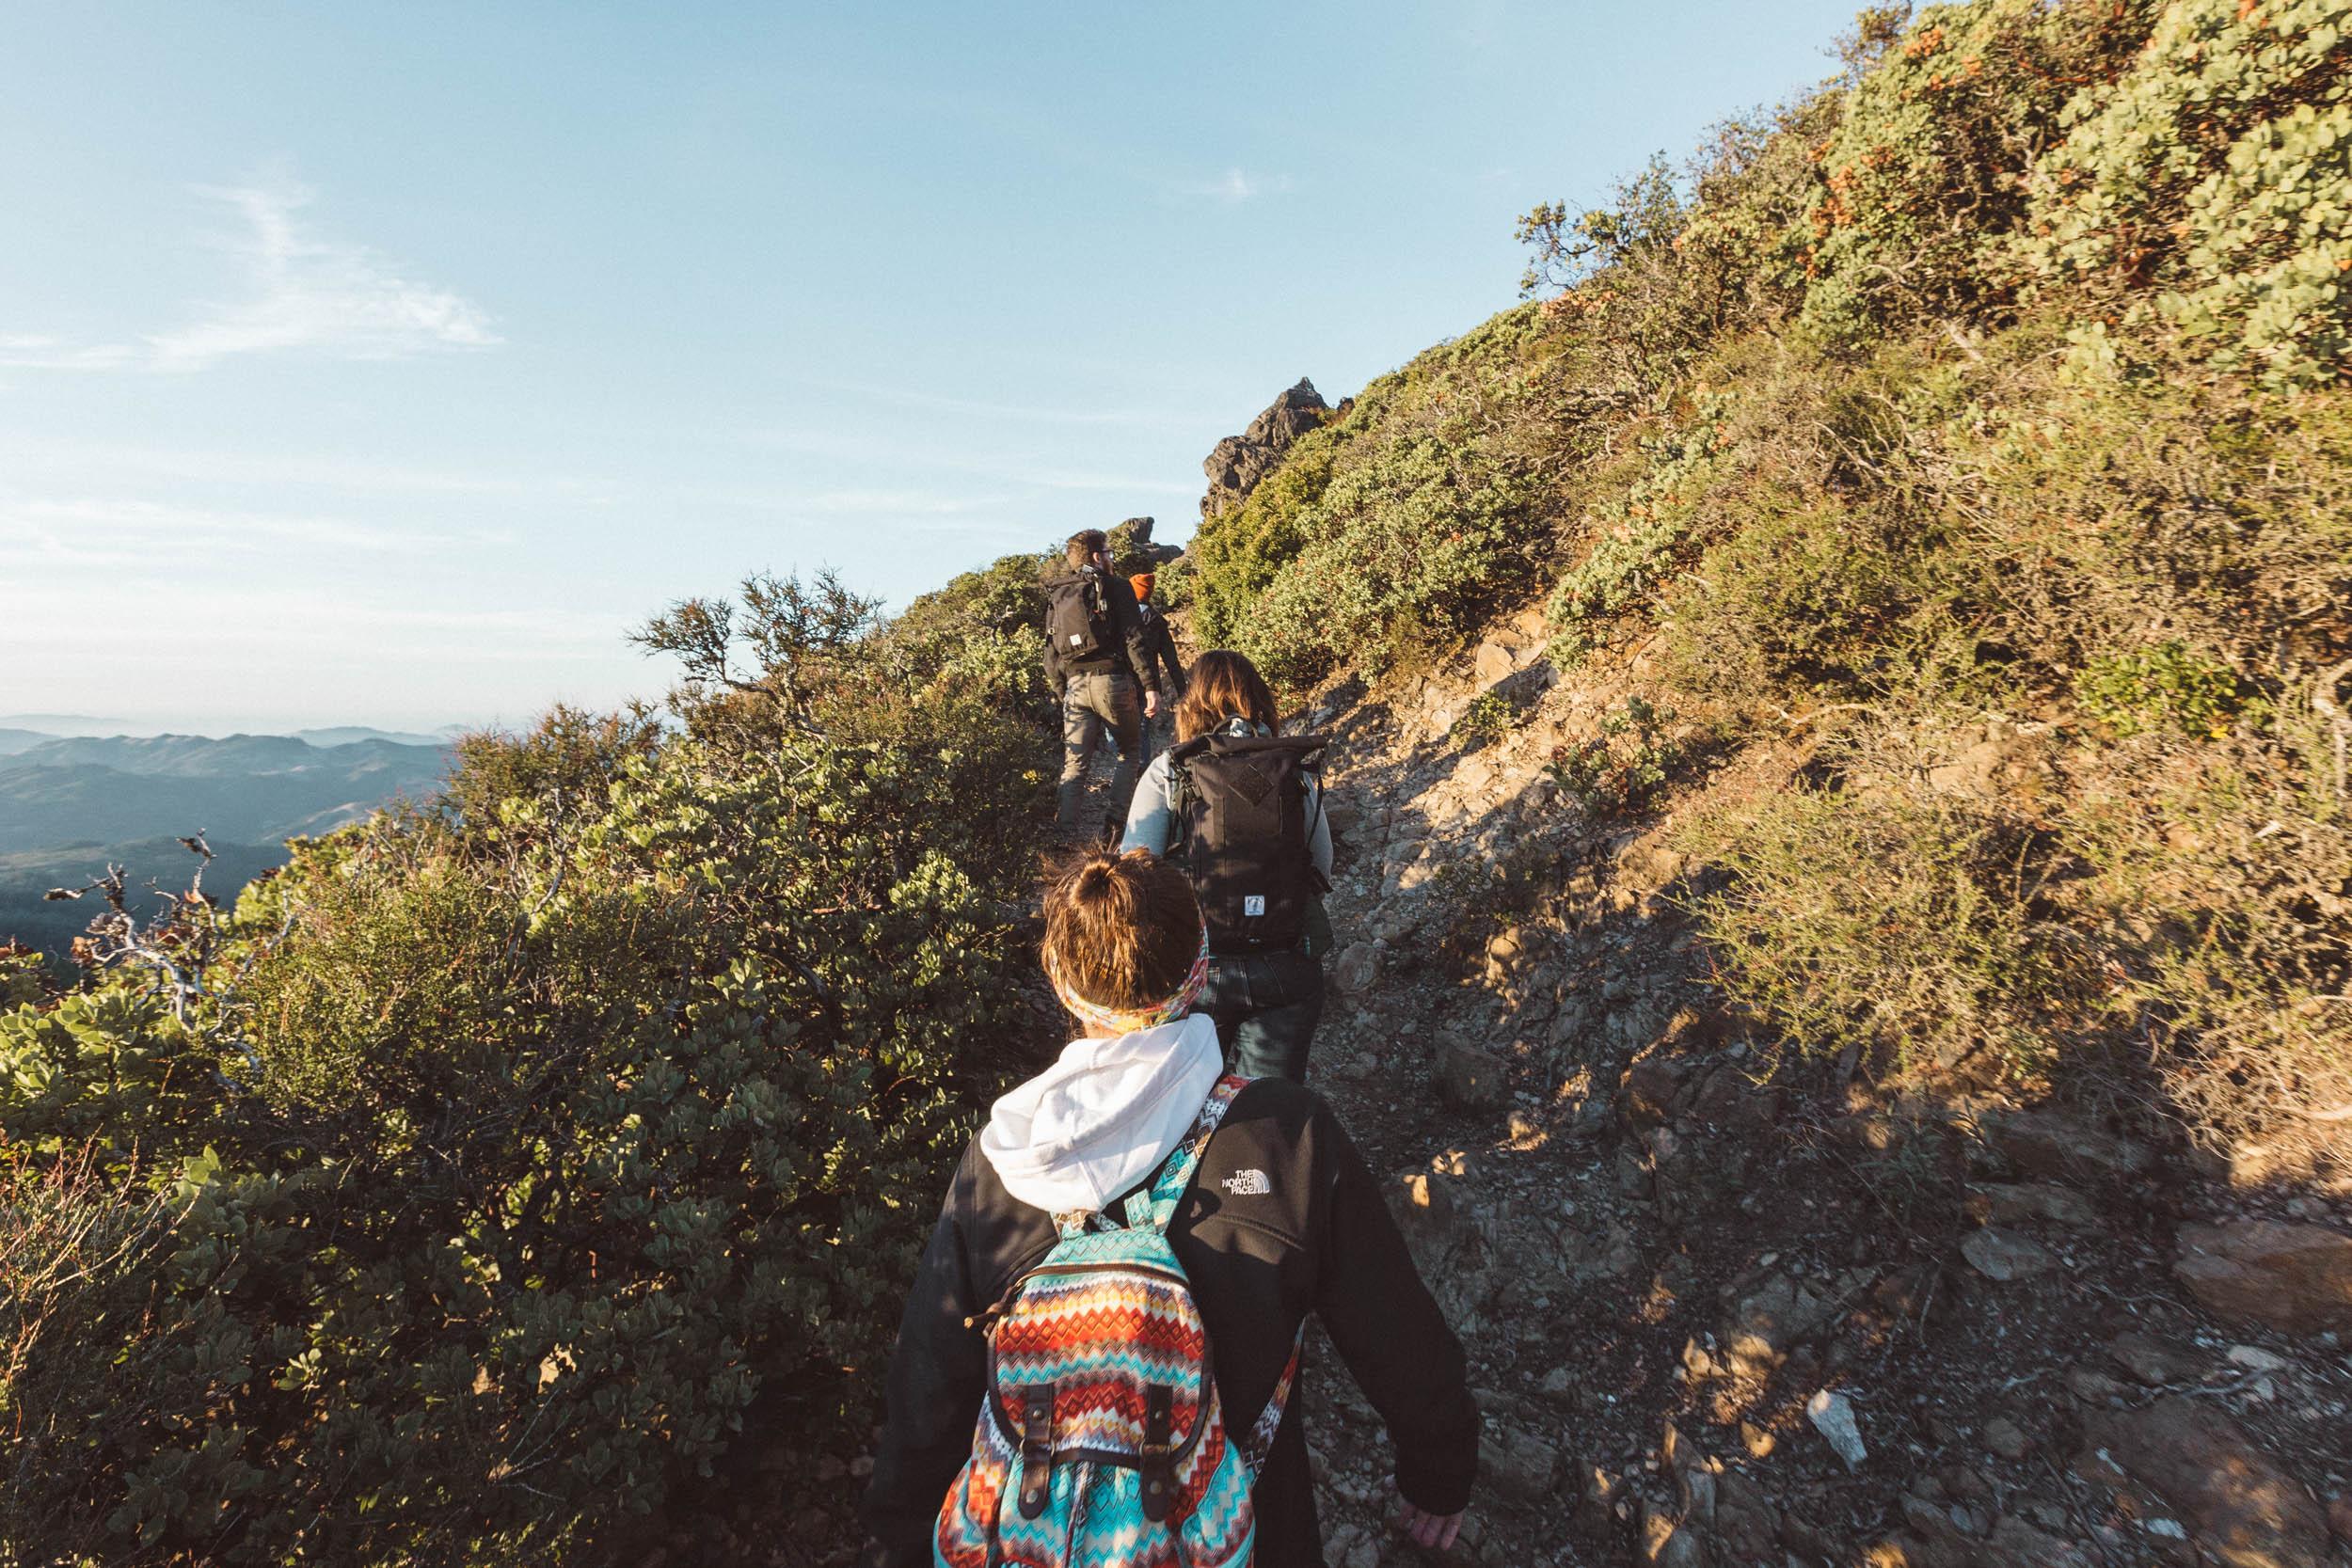 mount-tamalpais-east-peak-trail-hike-and-shoot-1.jpg